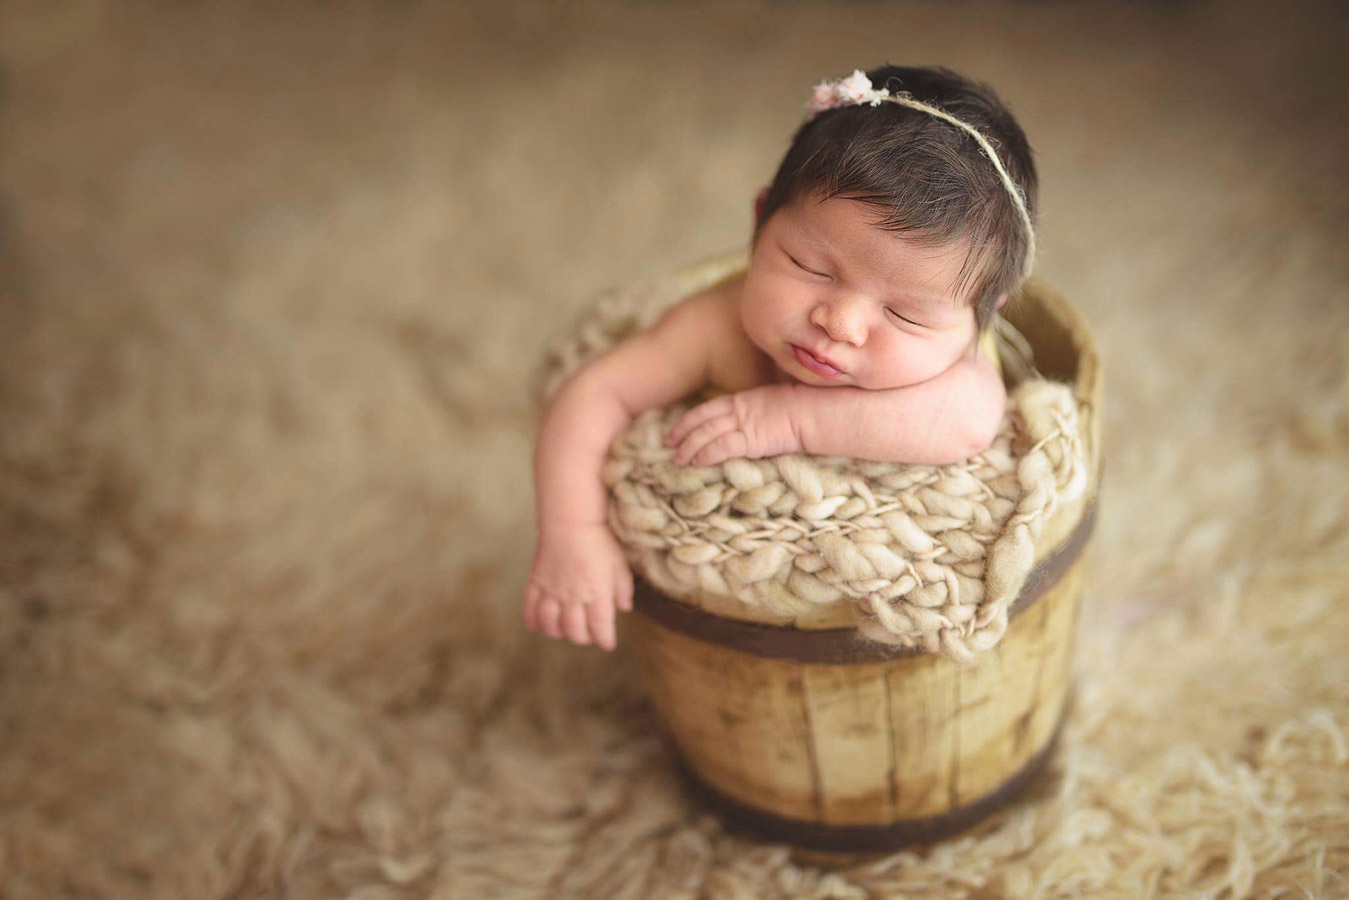 Сладкая Лия, © Андреа Великан, Румыния, Фотоконкурс новорожденных